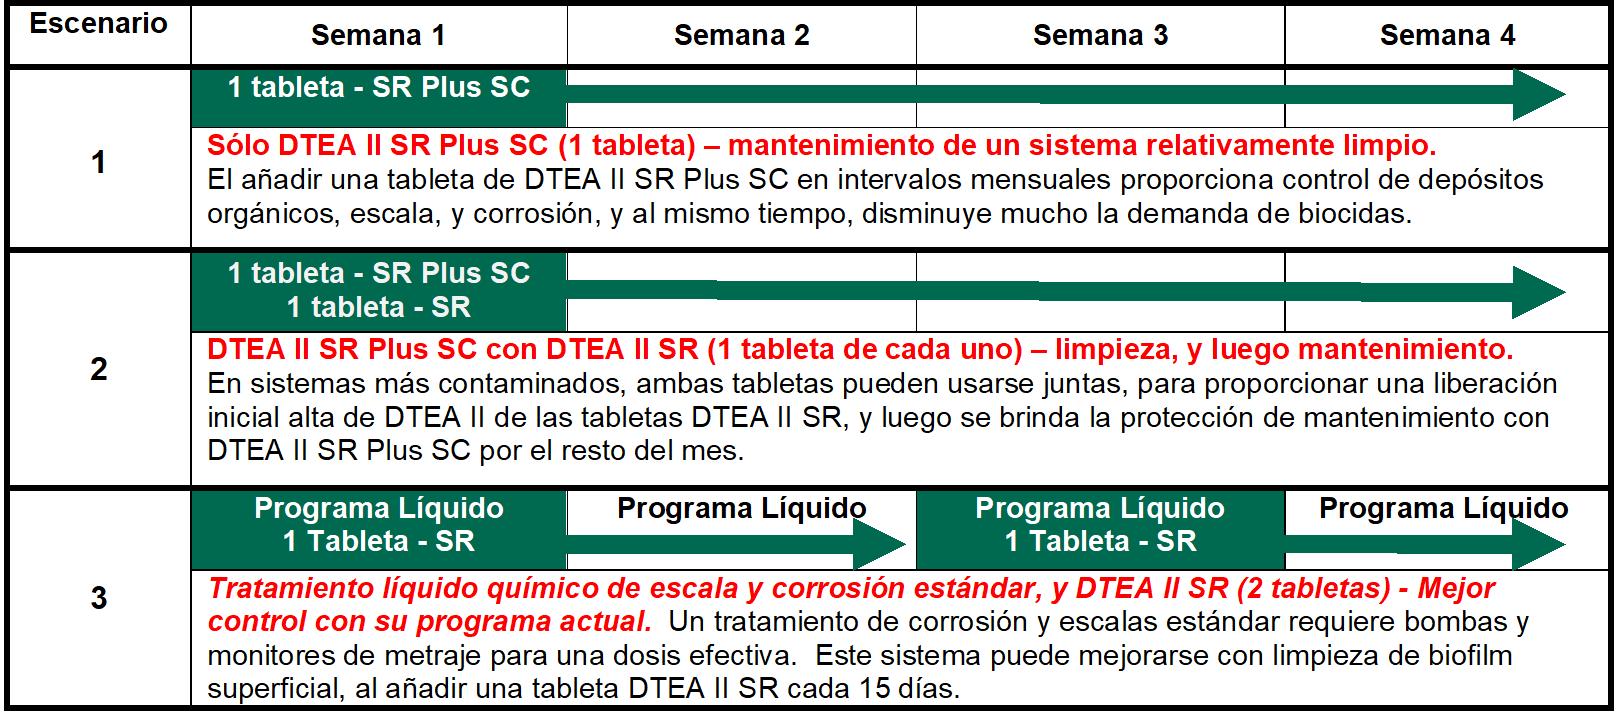 tablet scenarios